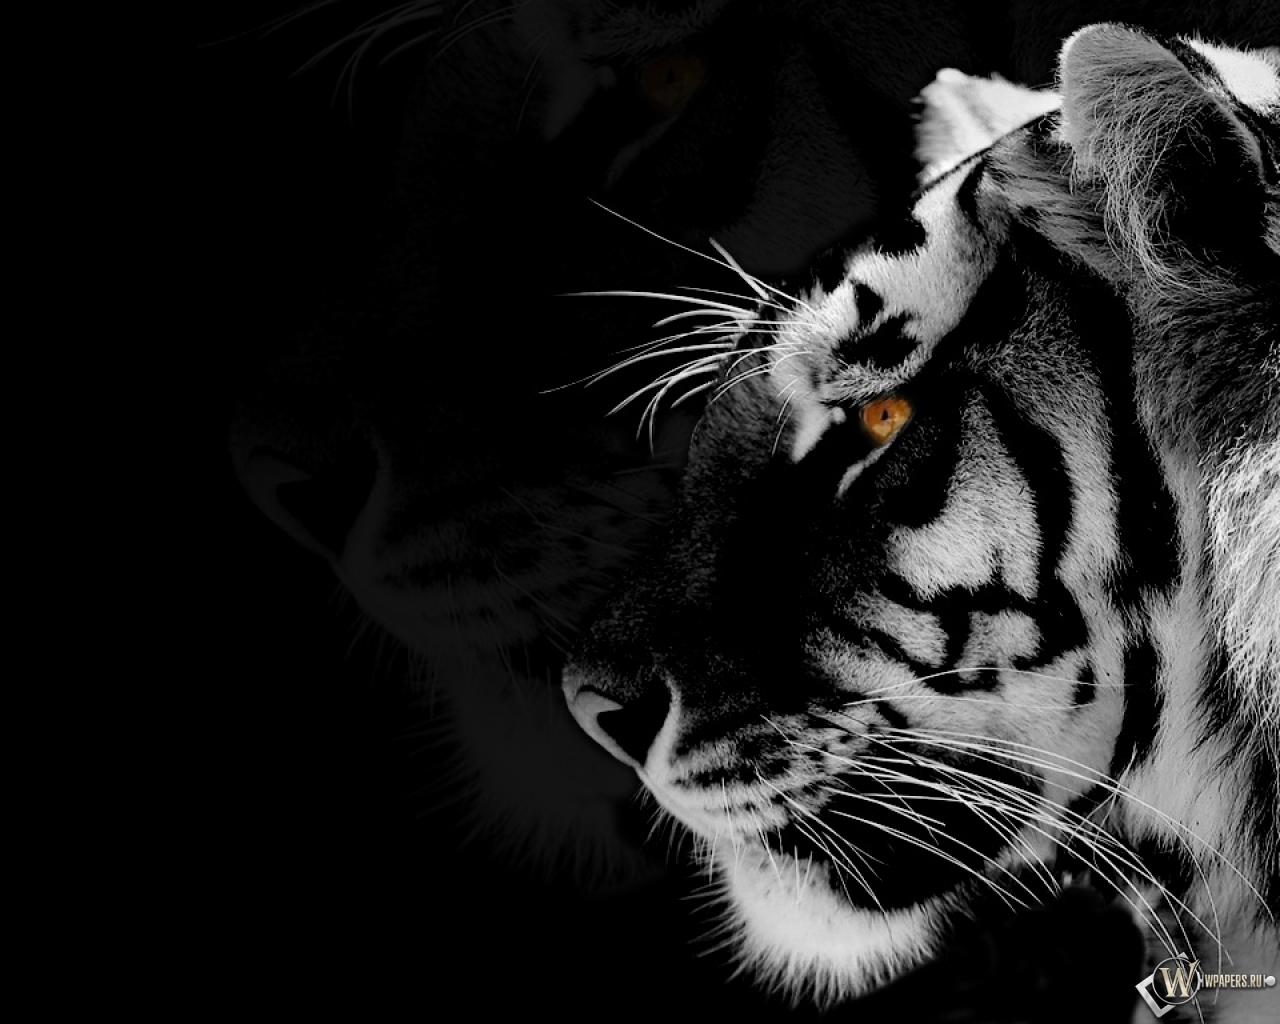 Скачать обои Black-white Tiger (Животные, Тигр, Чёрно